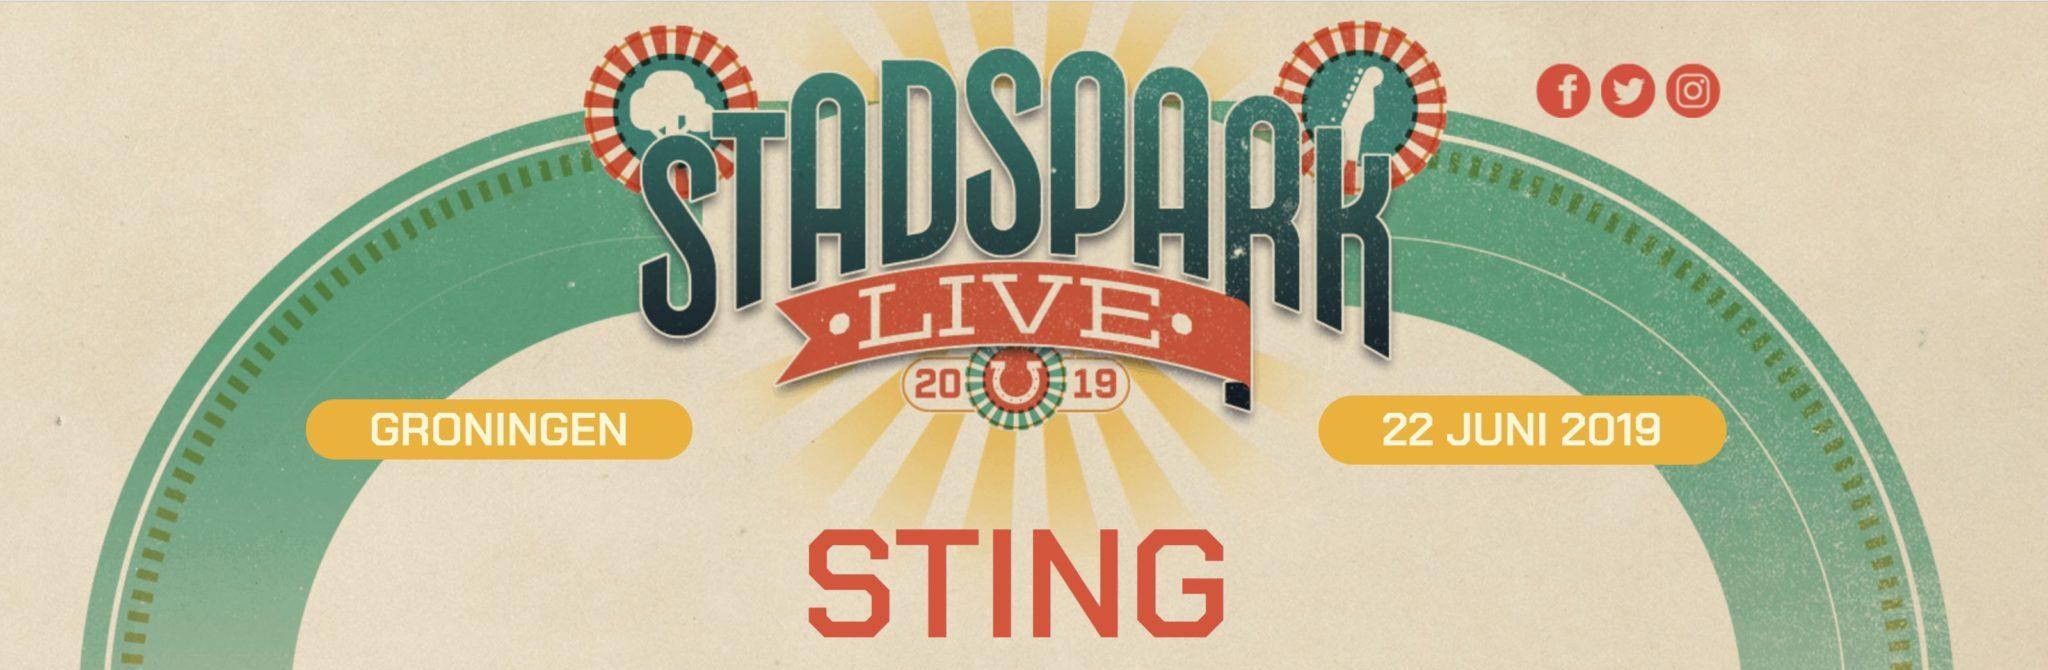 Groningen Stadspark live - mit Sting und Anouk